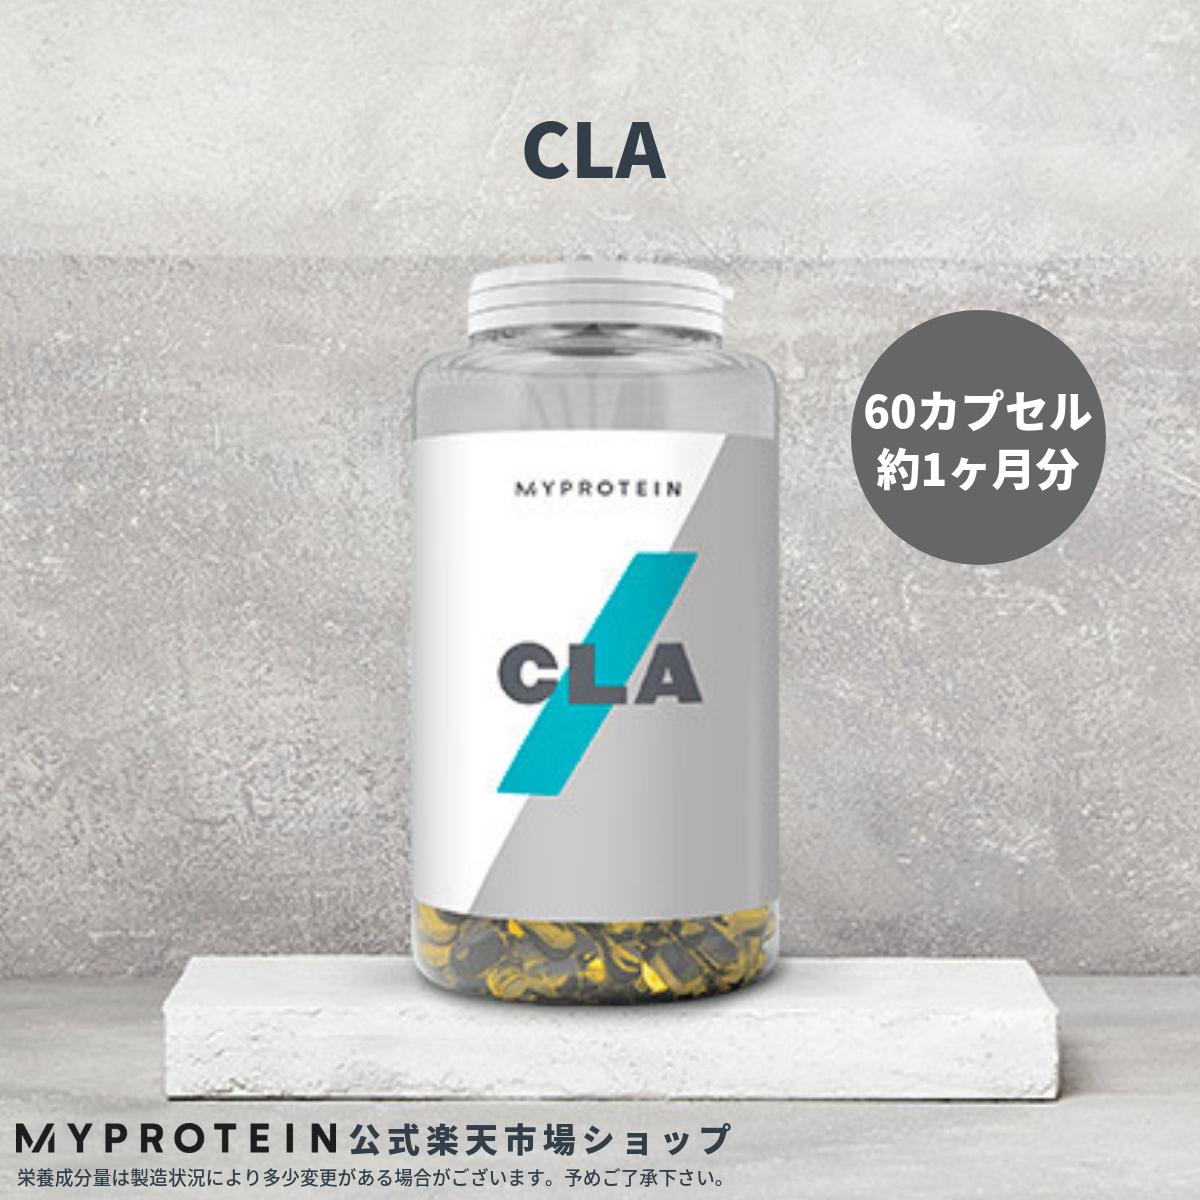 マイプロテイン 公式 【MyProtein】 CLA (共役リノール酸) 60カプセル 約1ヶ月分【海外直送】